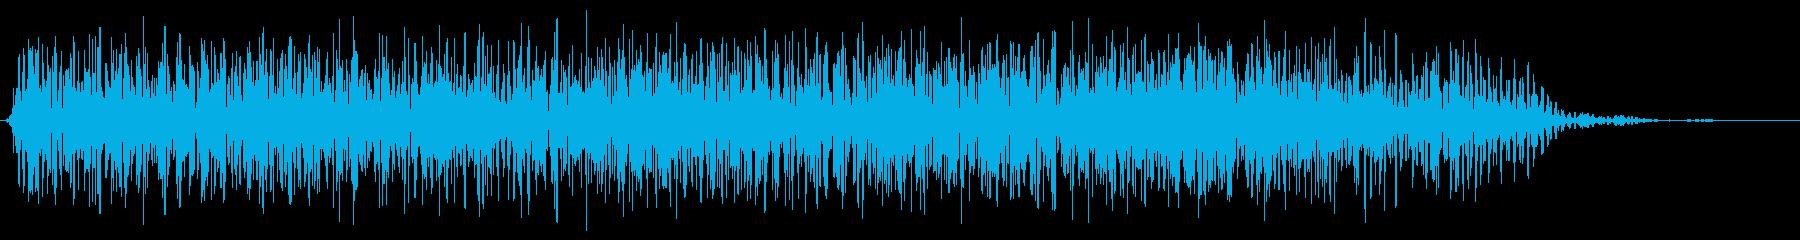 モンスター 威嚇 07の再生済みの波形